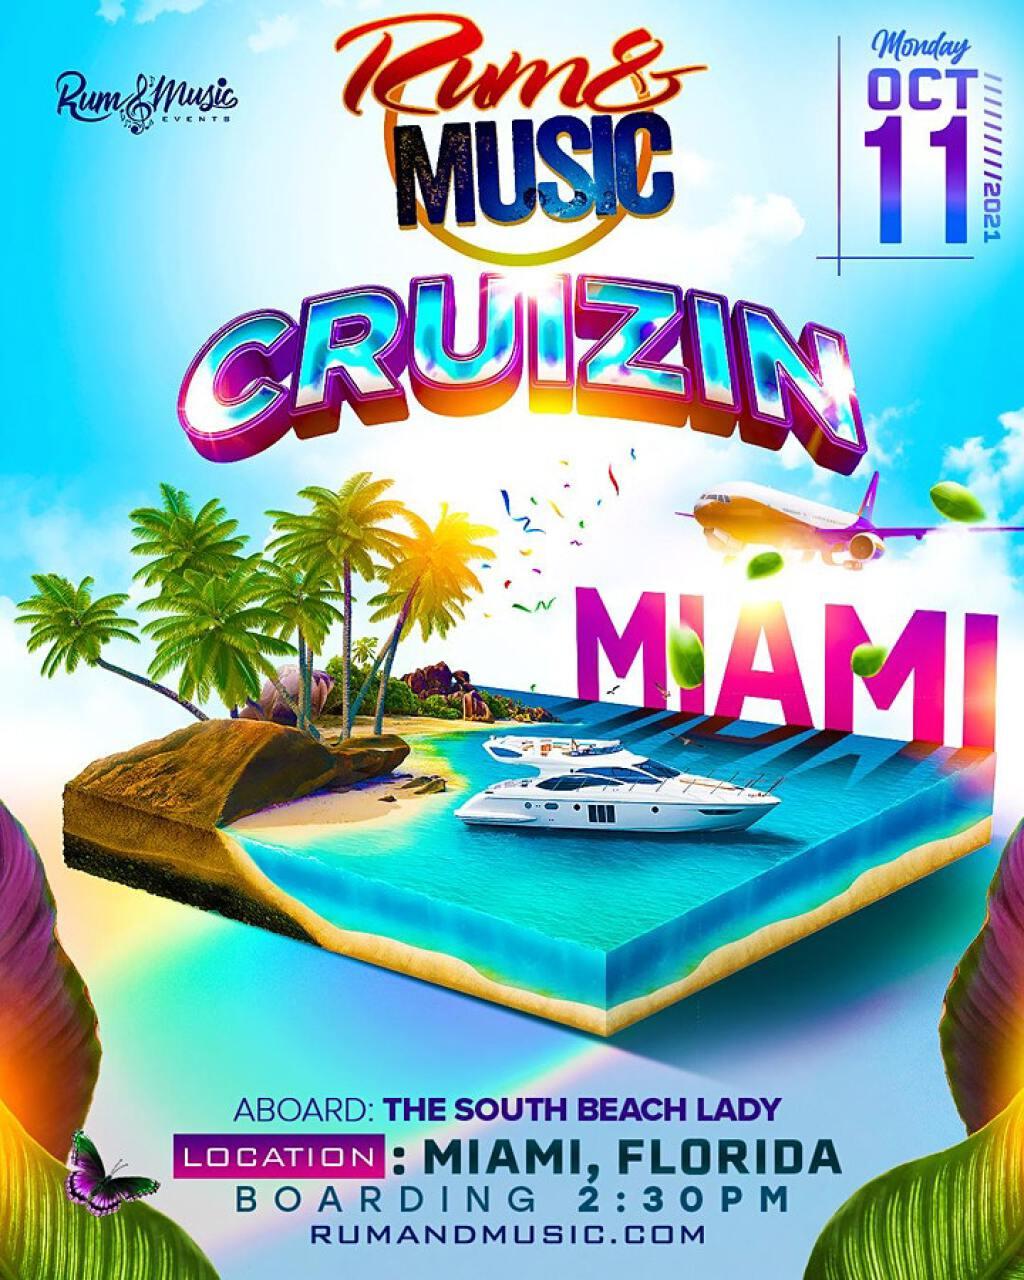 Cruizin Miami Beach flyer or graphic.